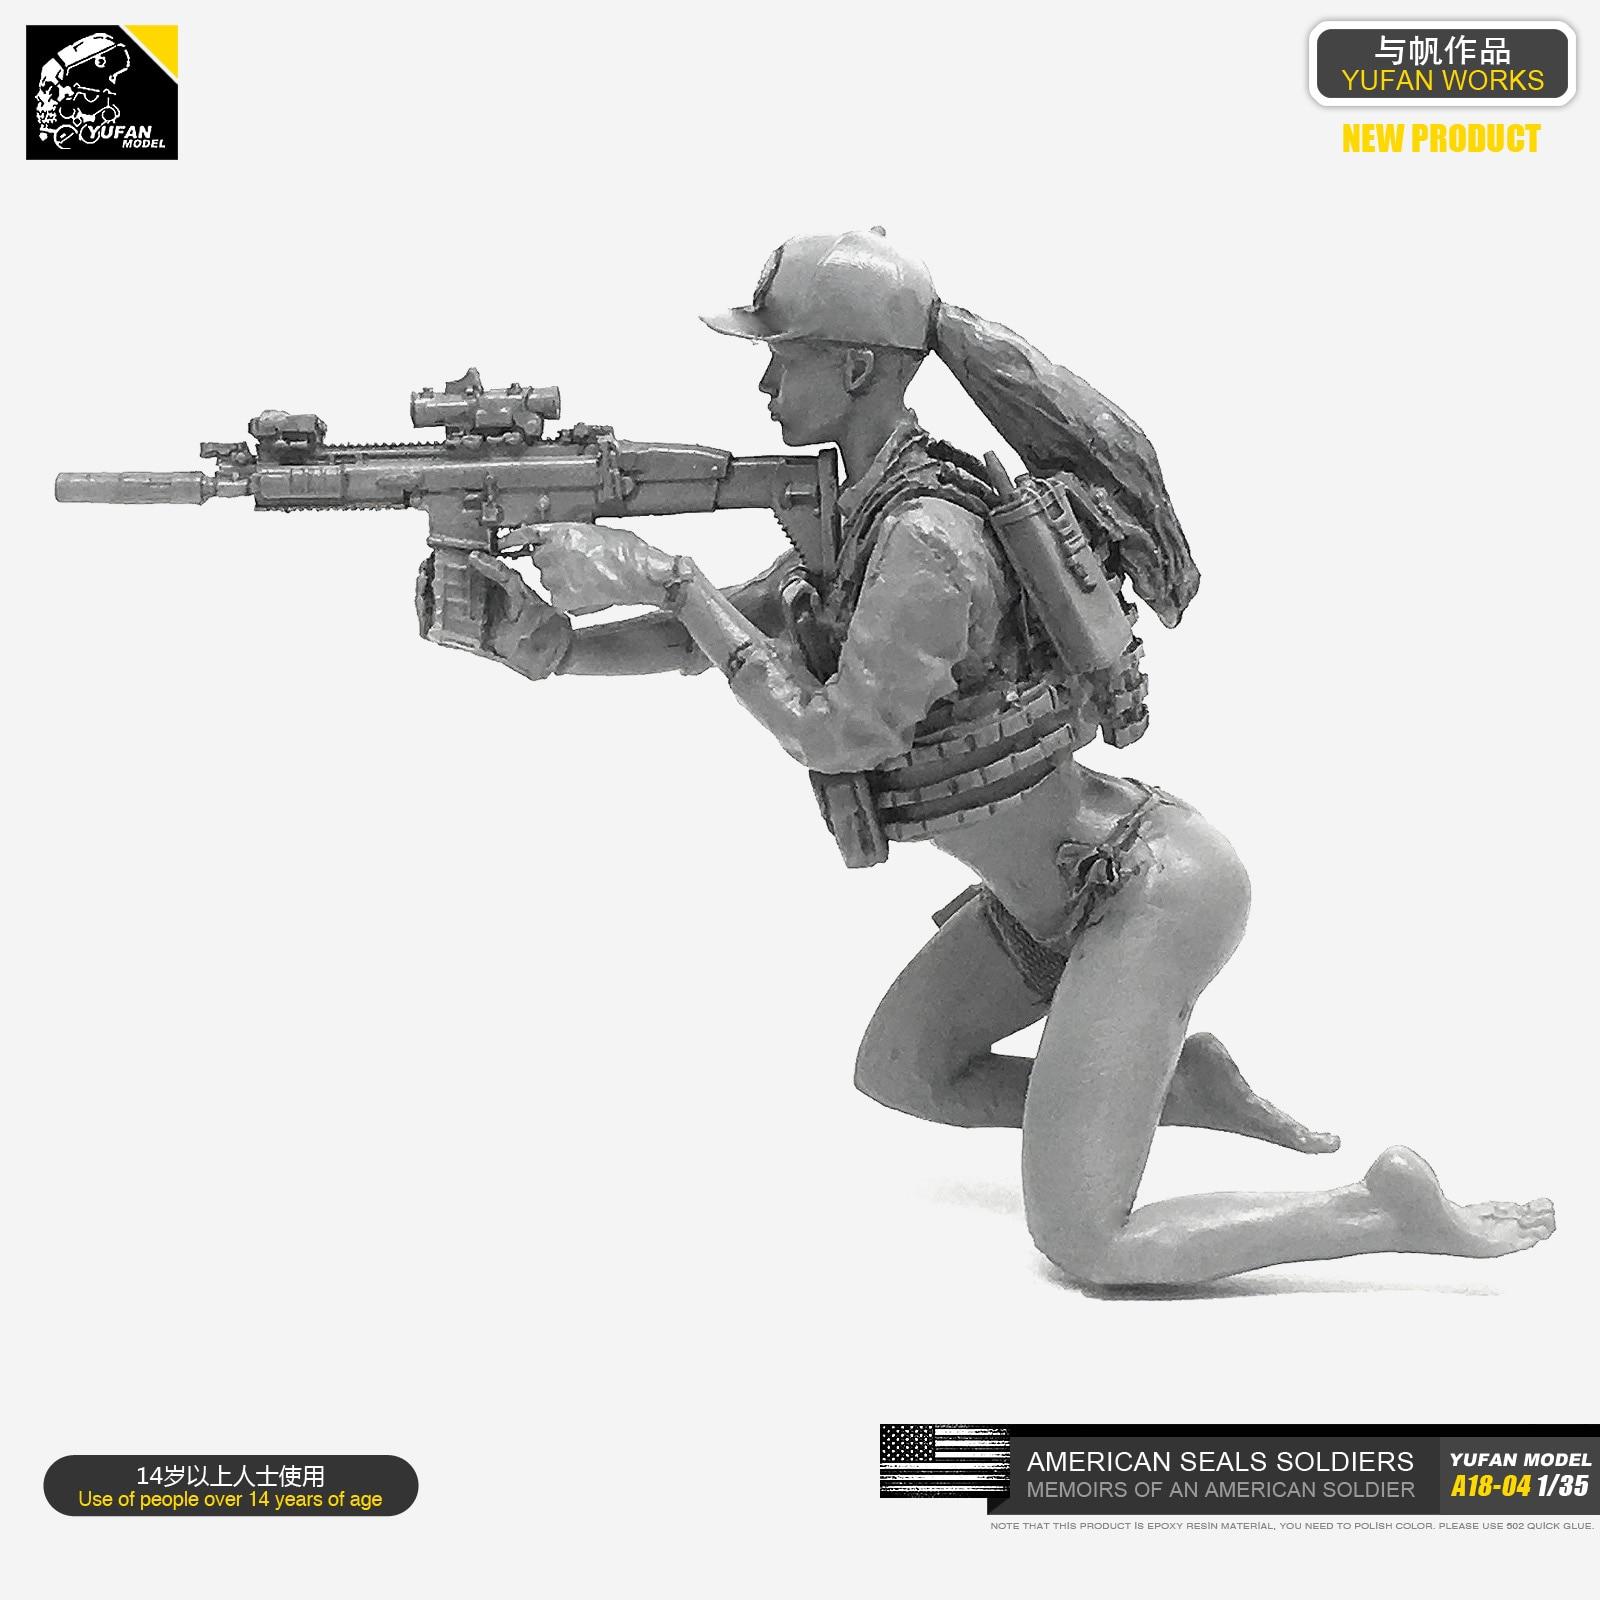 Yufan Model 1/35 Resin Soldier Kits  Model (US Army Bikini SEALs)  Self-assembled A18-04